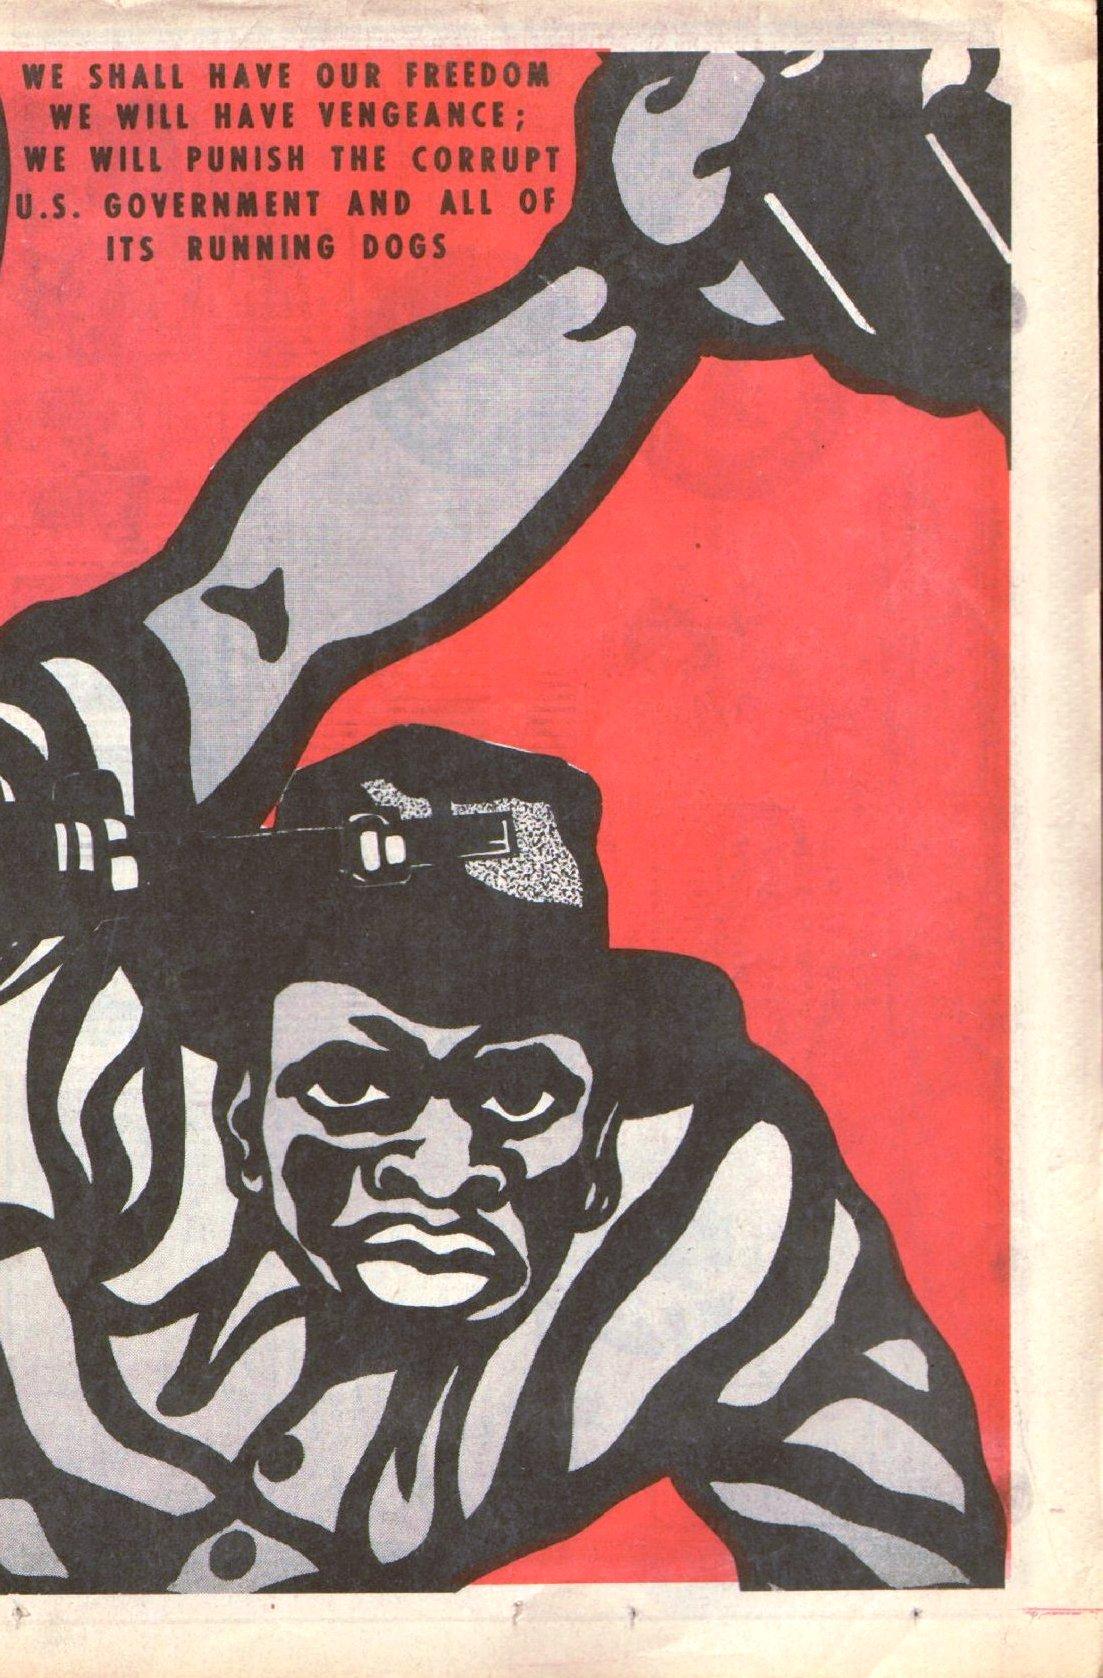 Black_Panther442